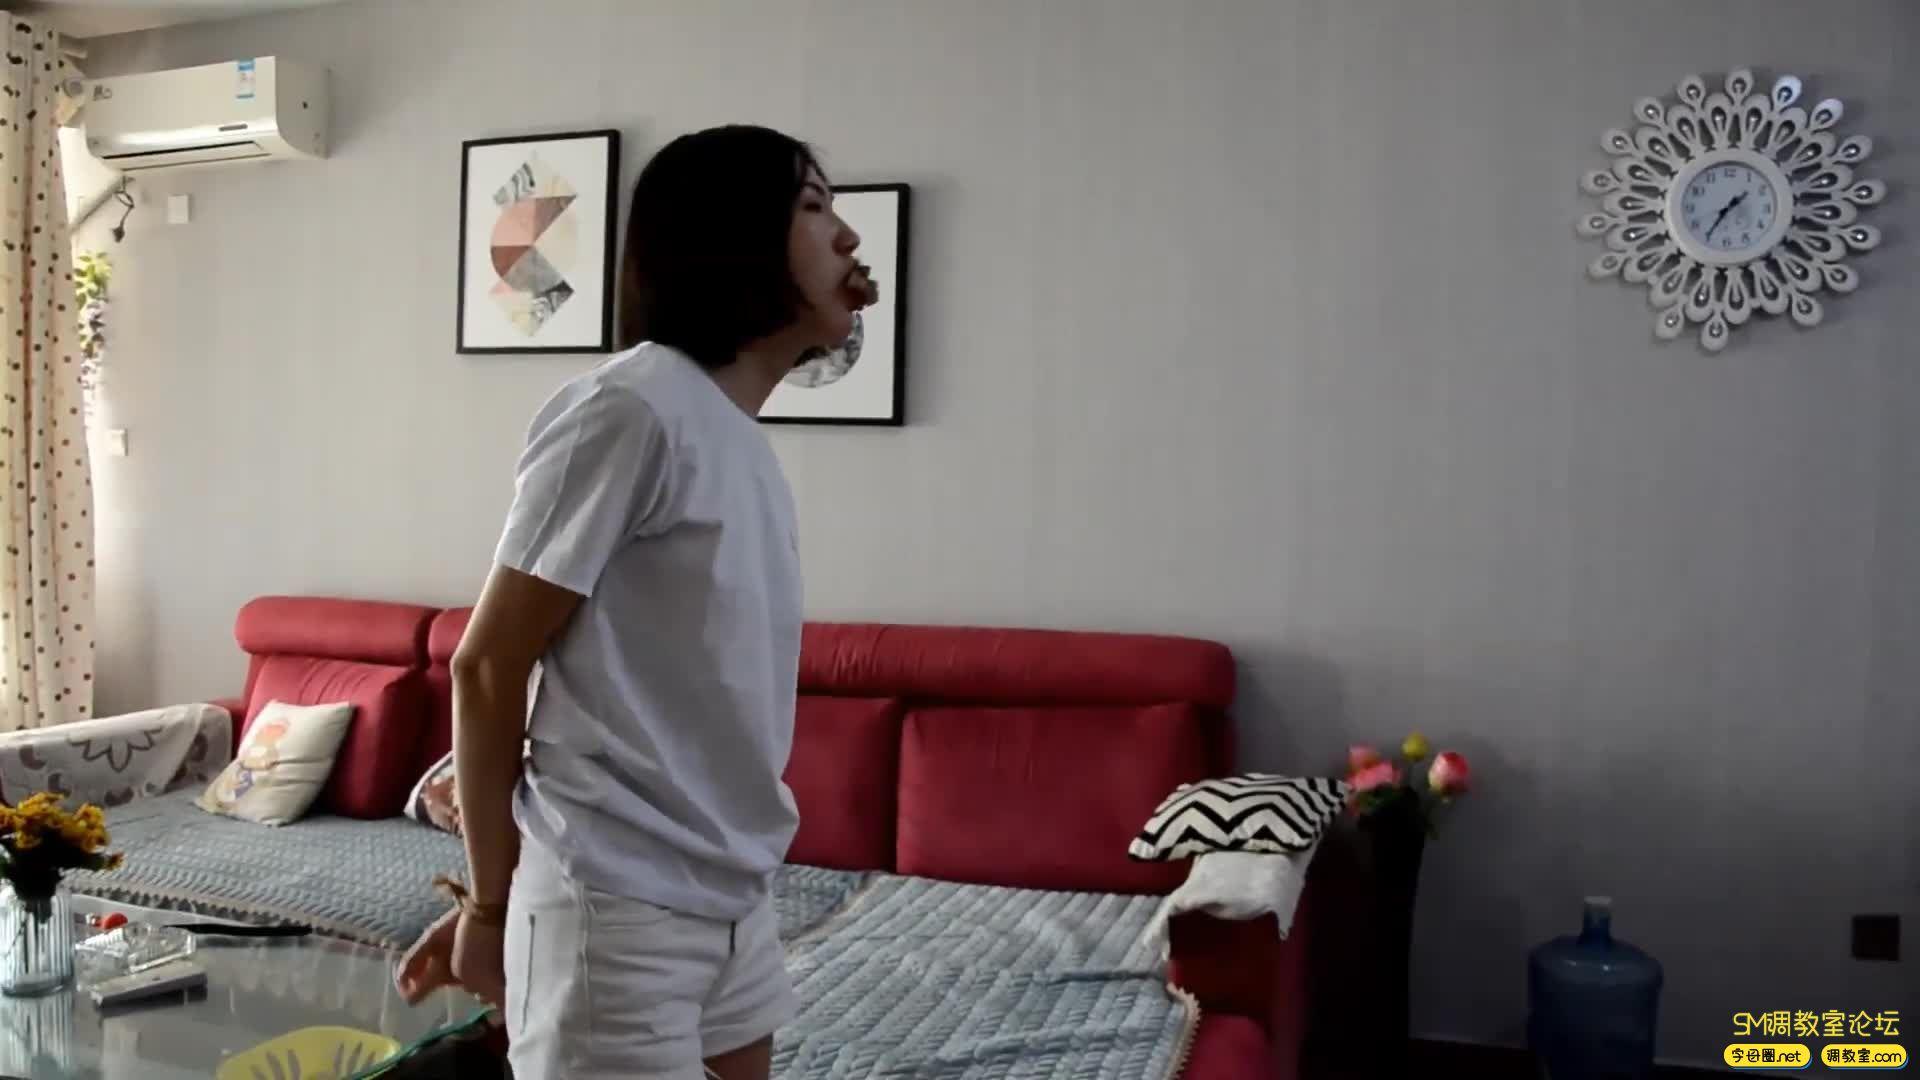 得意客原创_美女小鱼遇劫逃脱未遂惨遭二次捆堵折磨-视频截图5